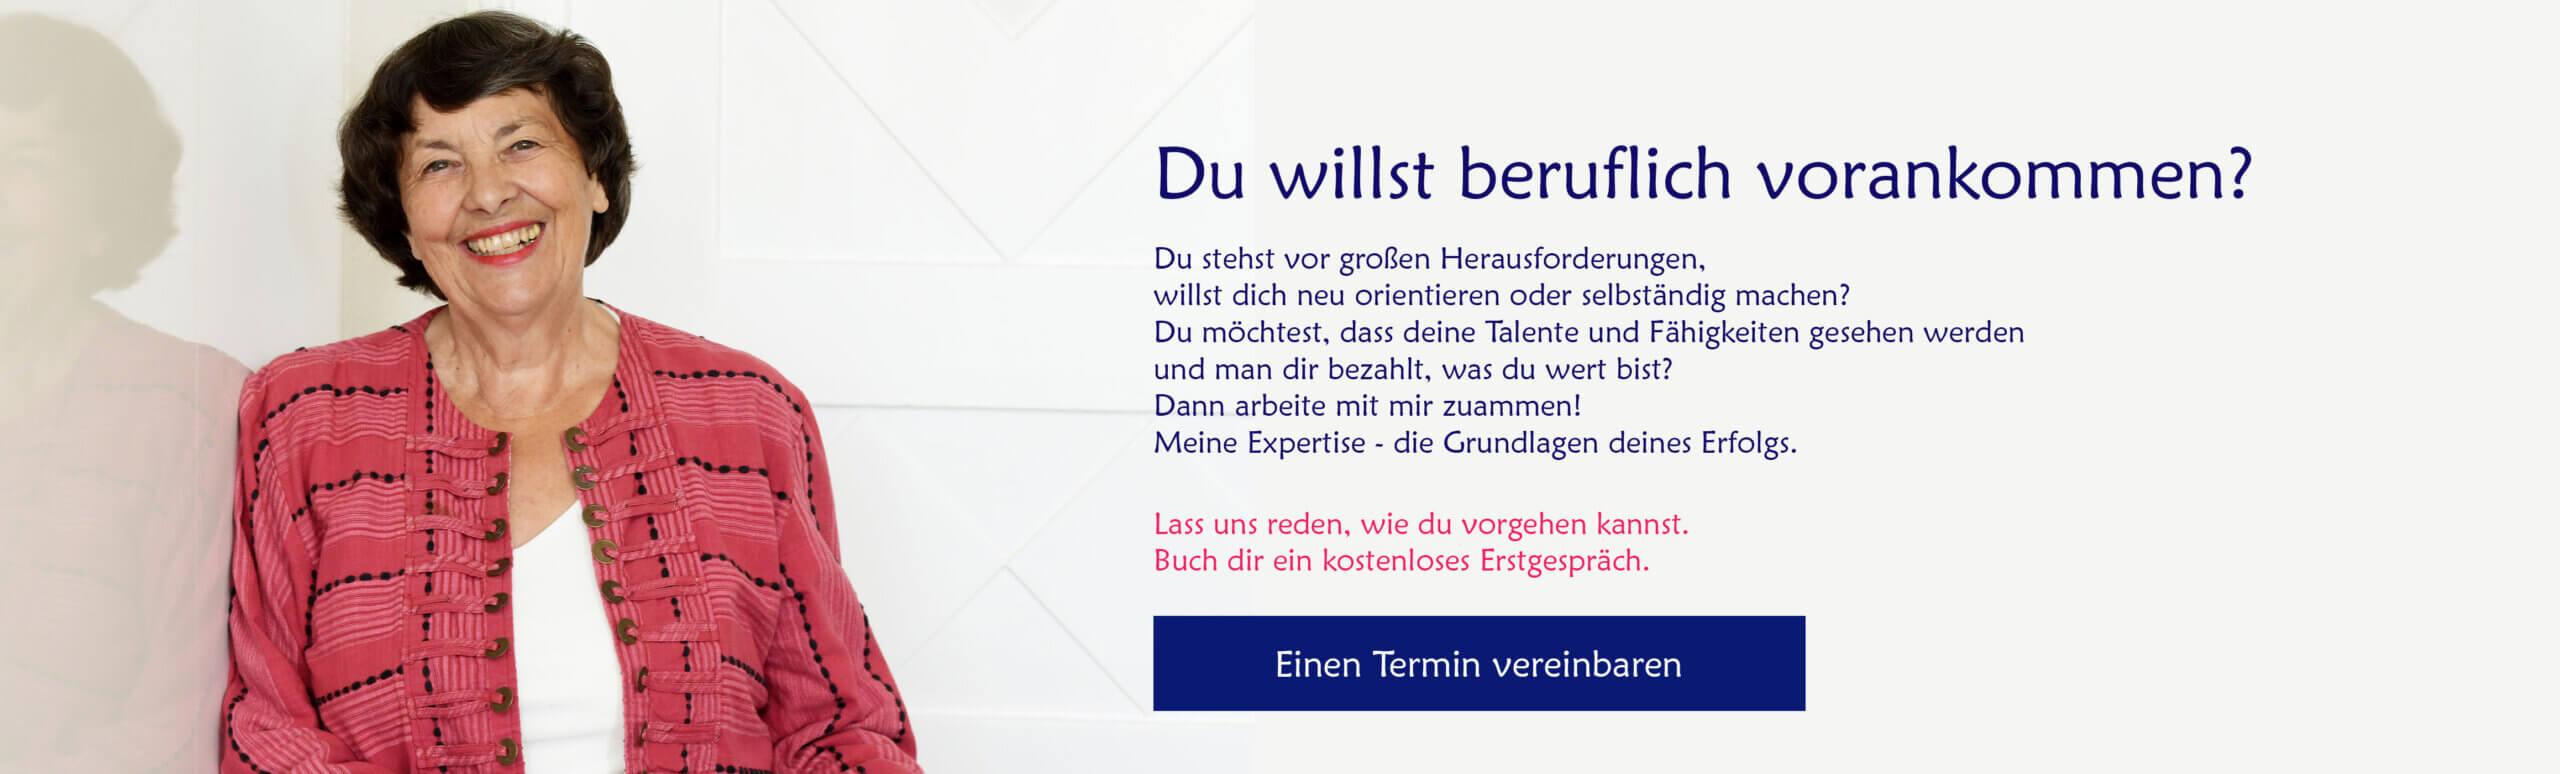 Ursula Kraemer Gründungs- und Businesscoaching